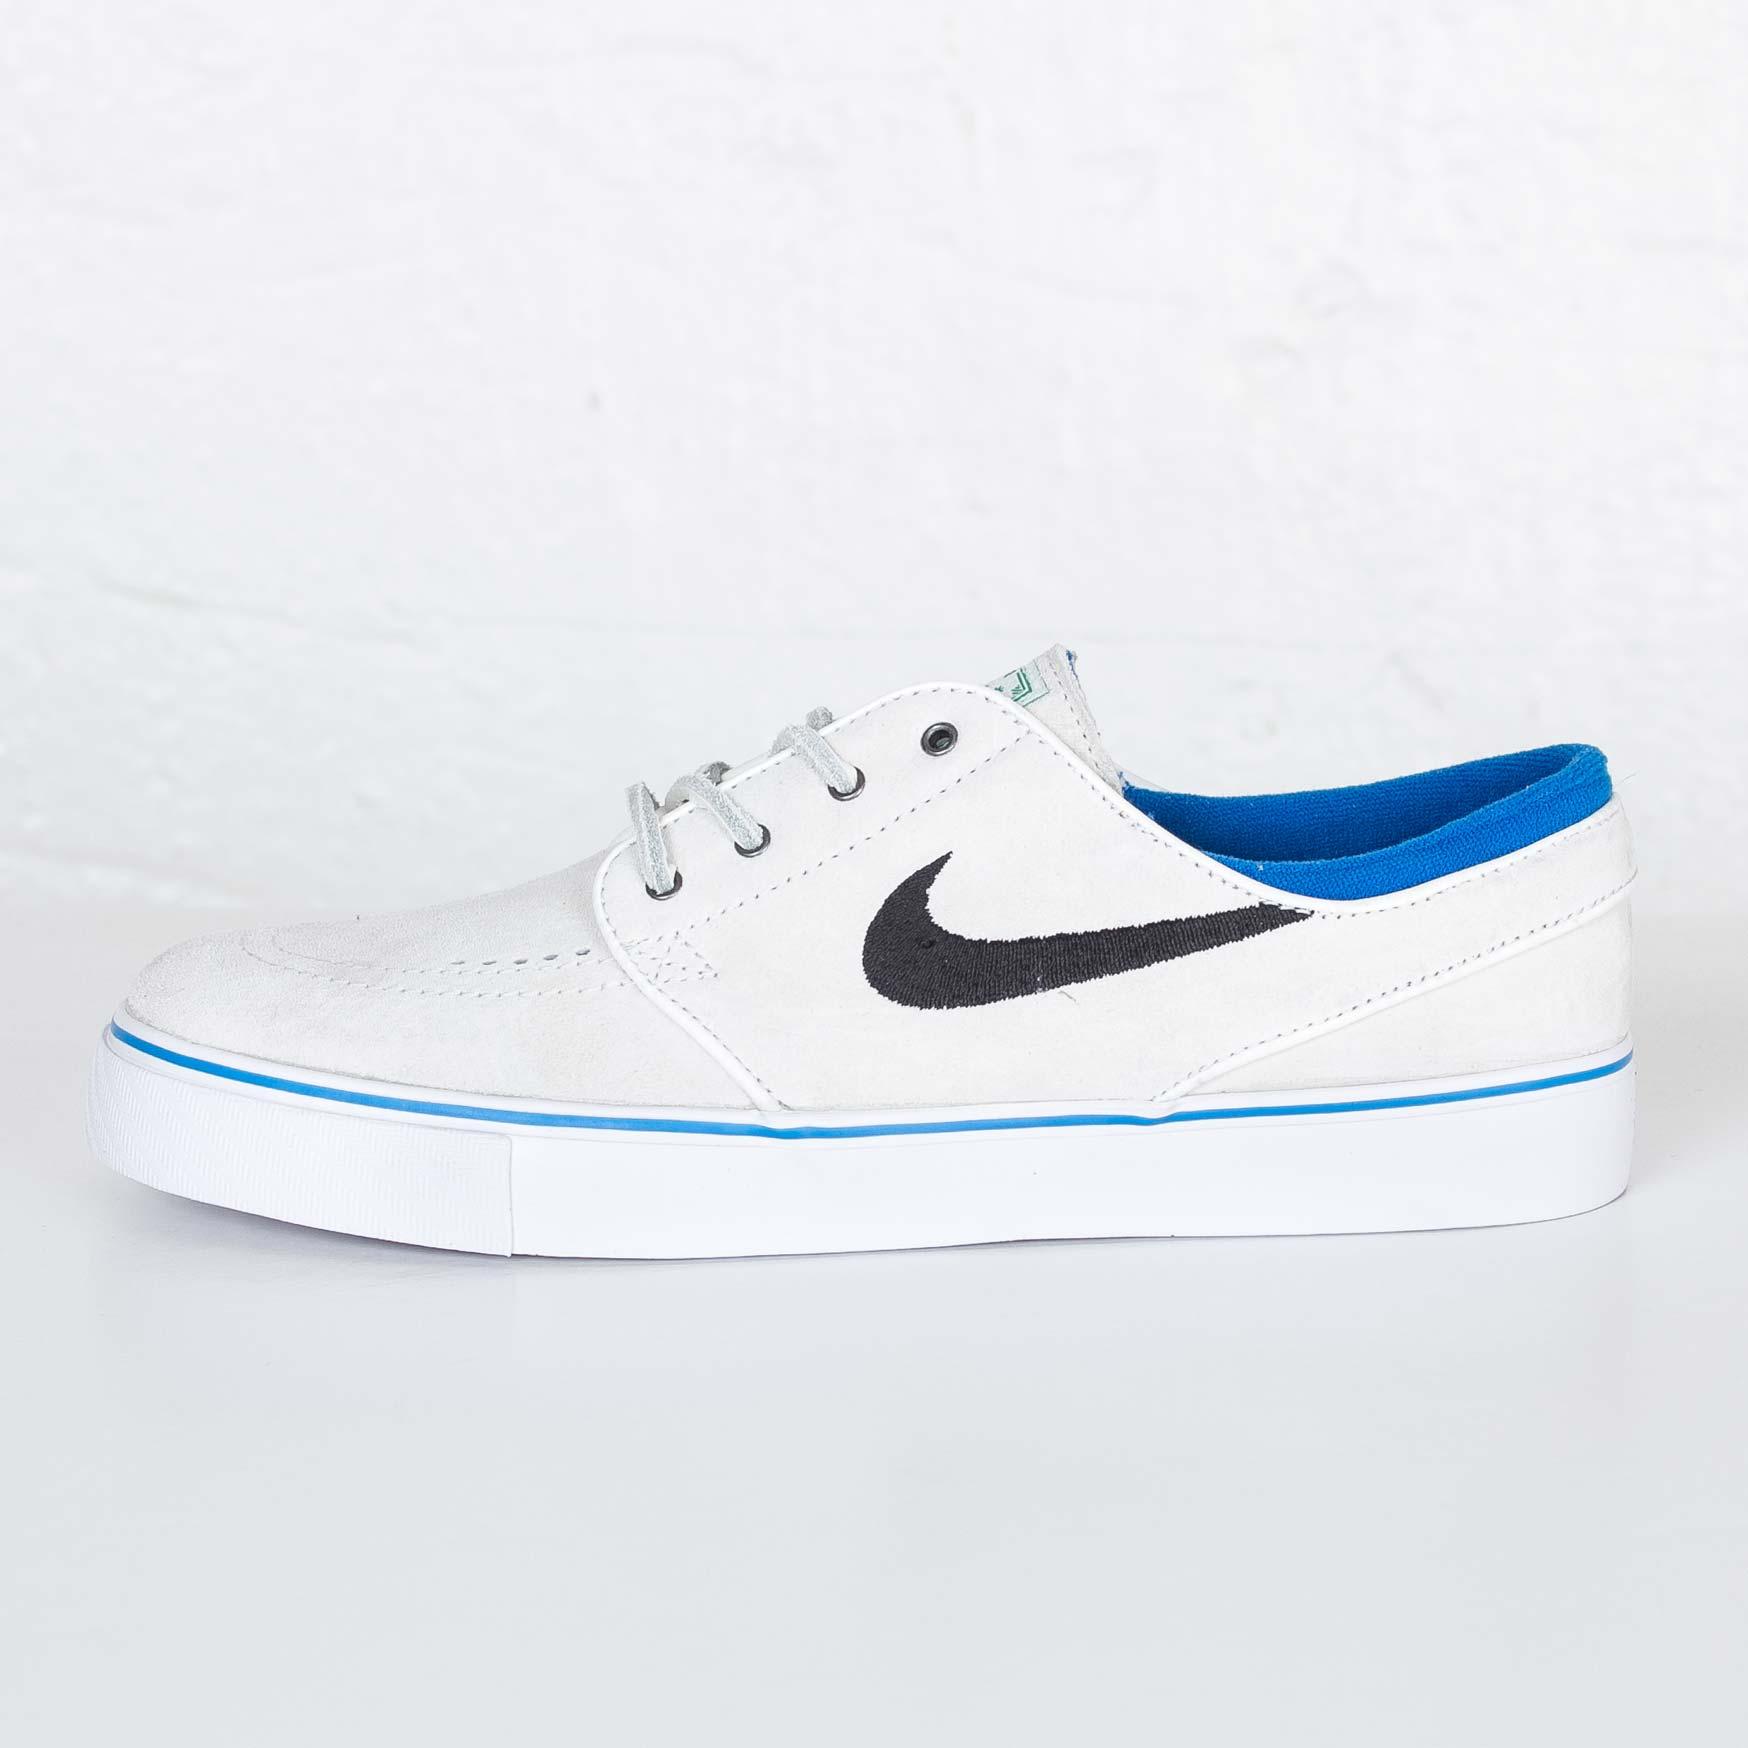 new style 7eeba 46495 Nike SB Zoom Stefan Janoski - 845711-103 - Sneakersnstuff   sneakers    streetwear online since 1999